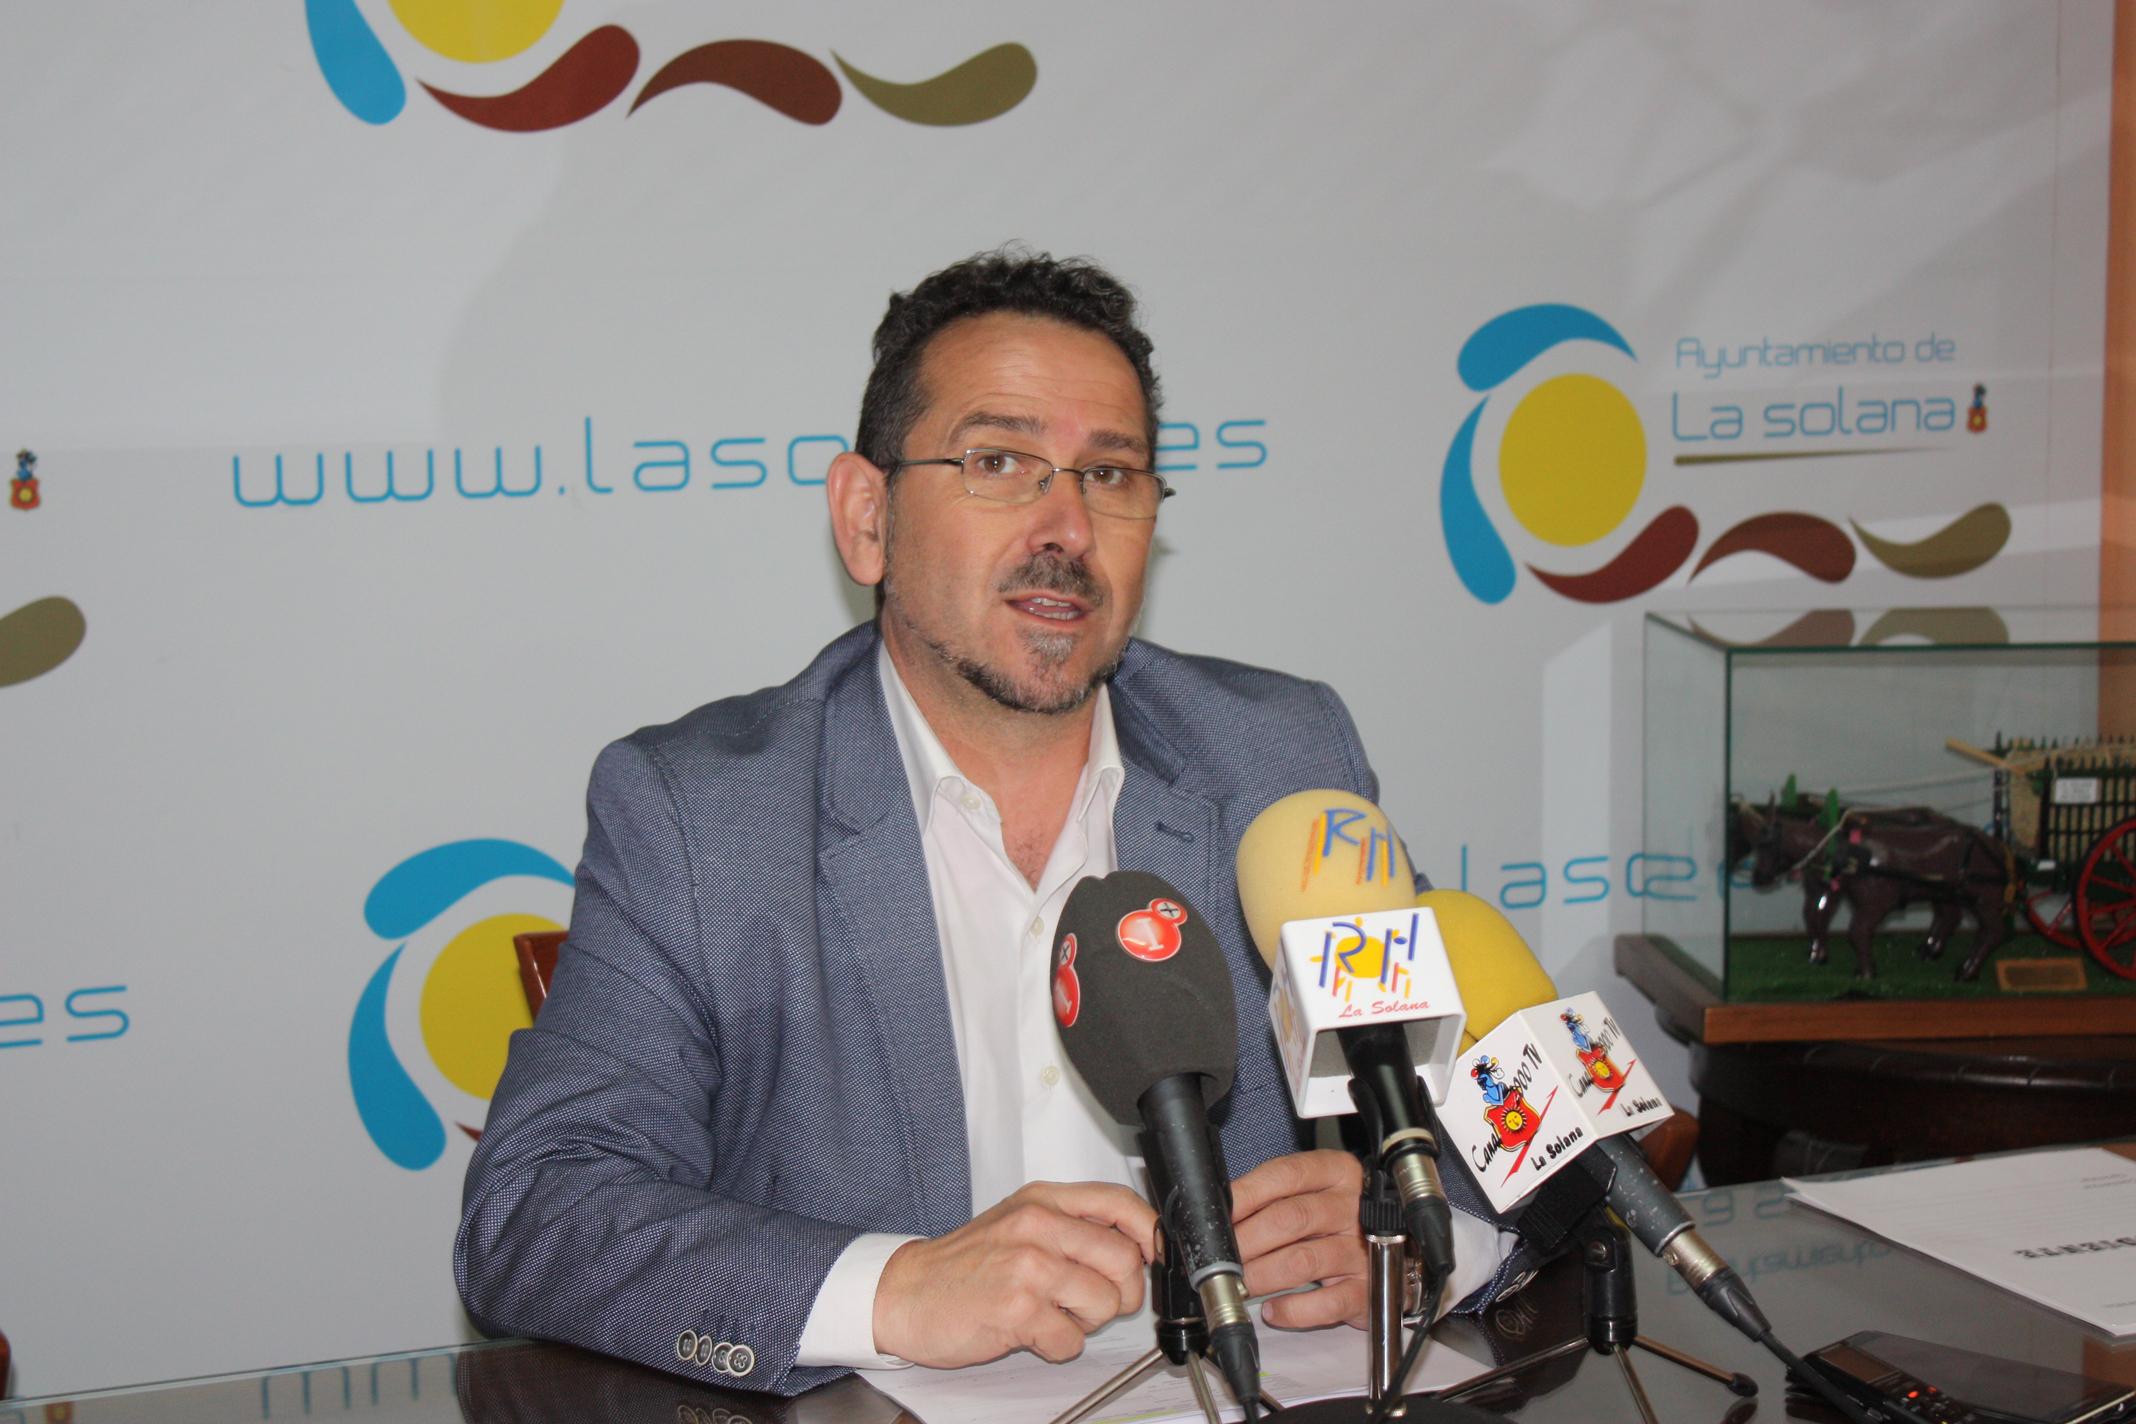 El alcalde de La Solana presenta la organización de la Junta de Gobierno, tenencias de alcaldía y delegaciones